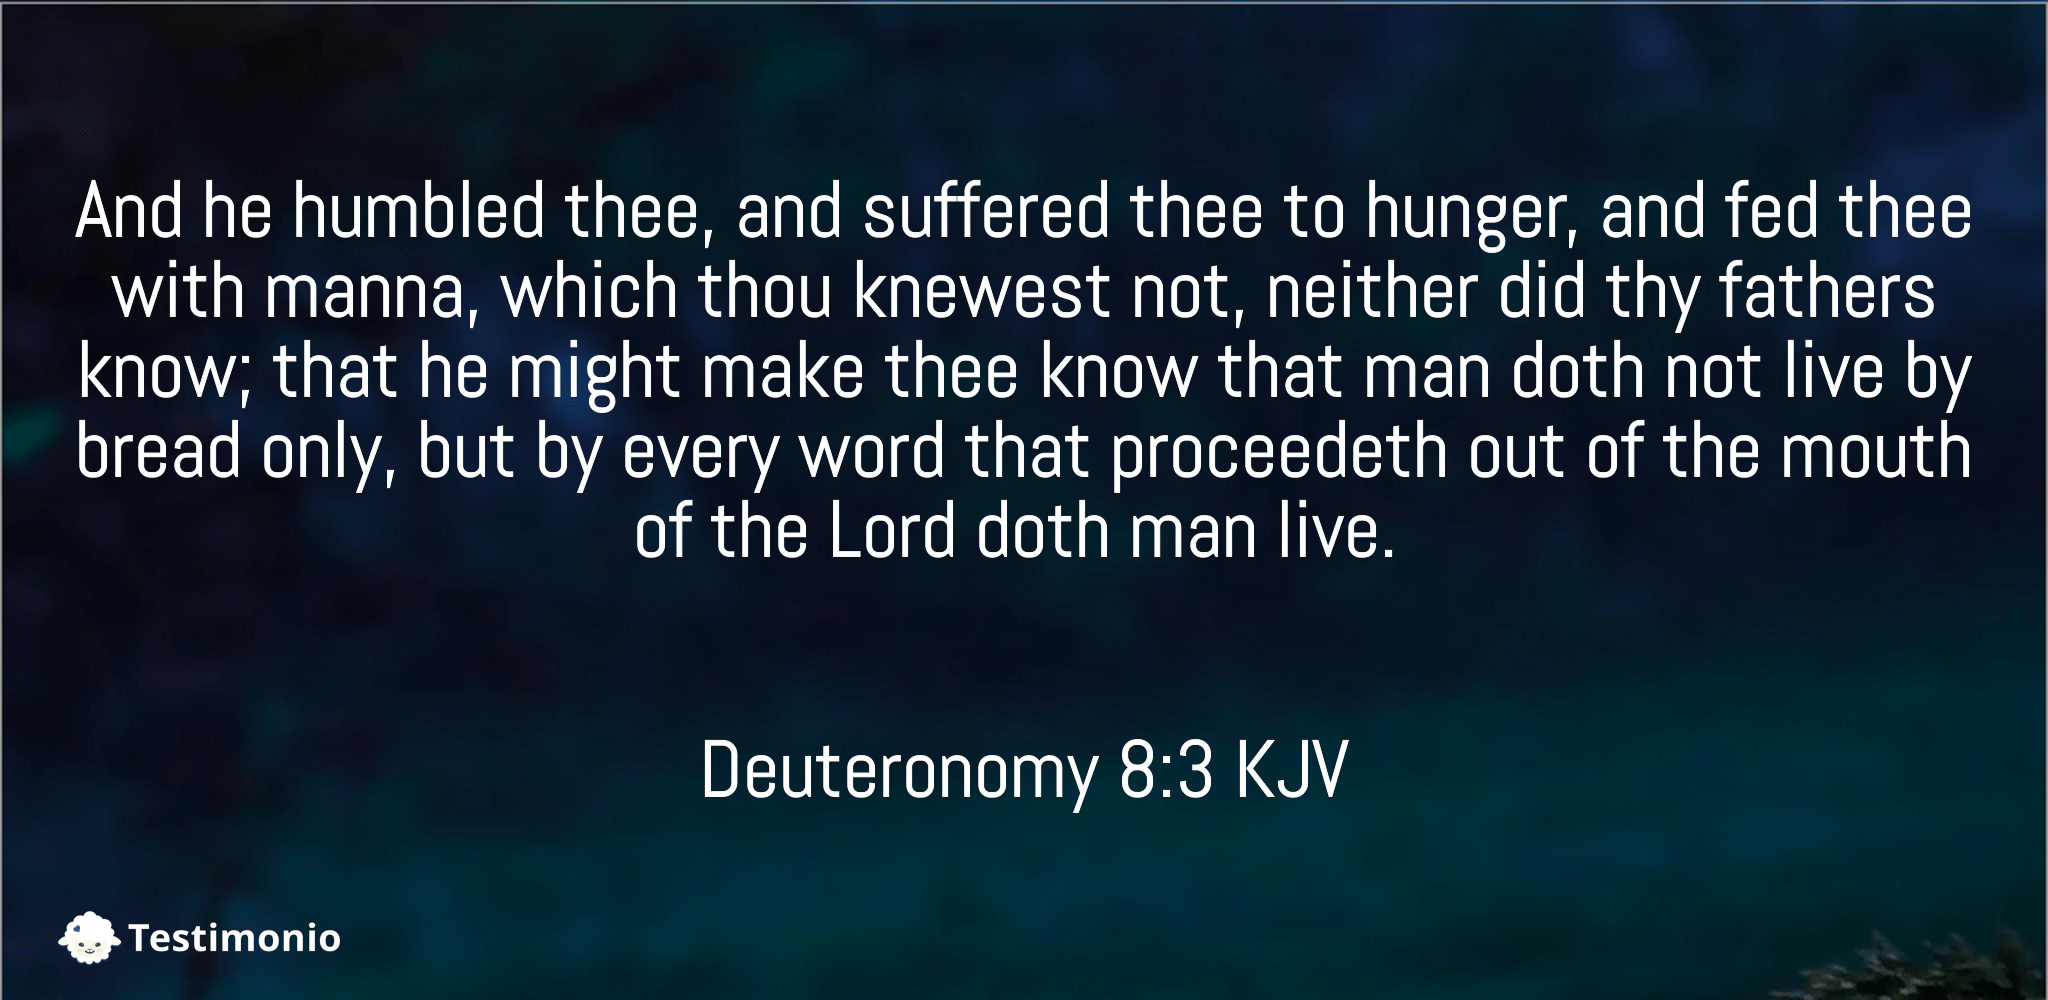 Deuteronomy 8:3